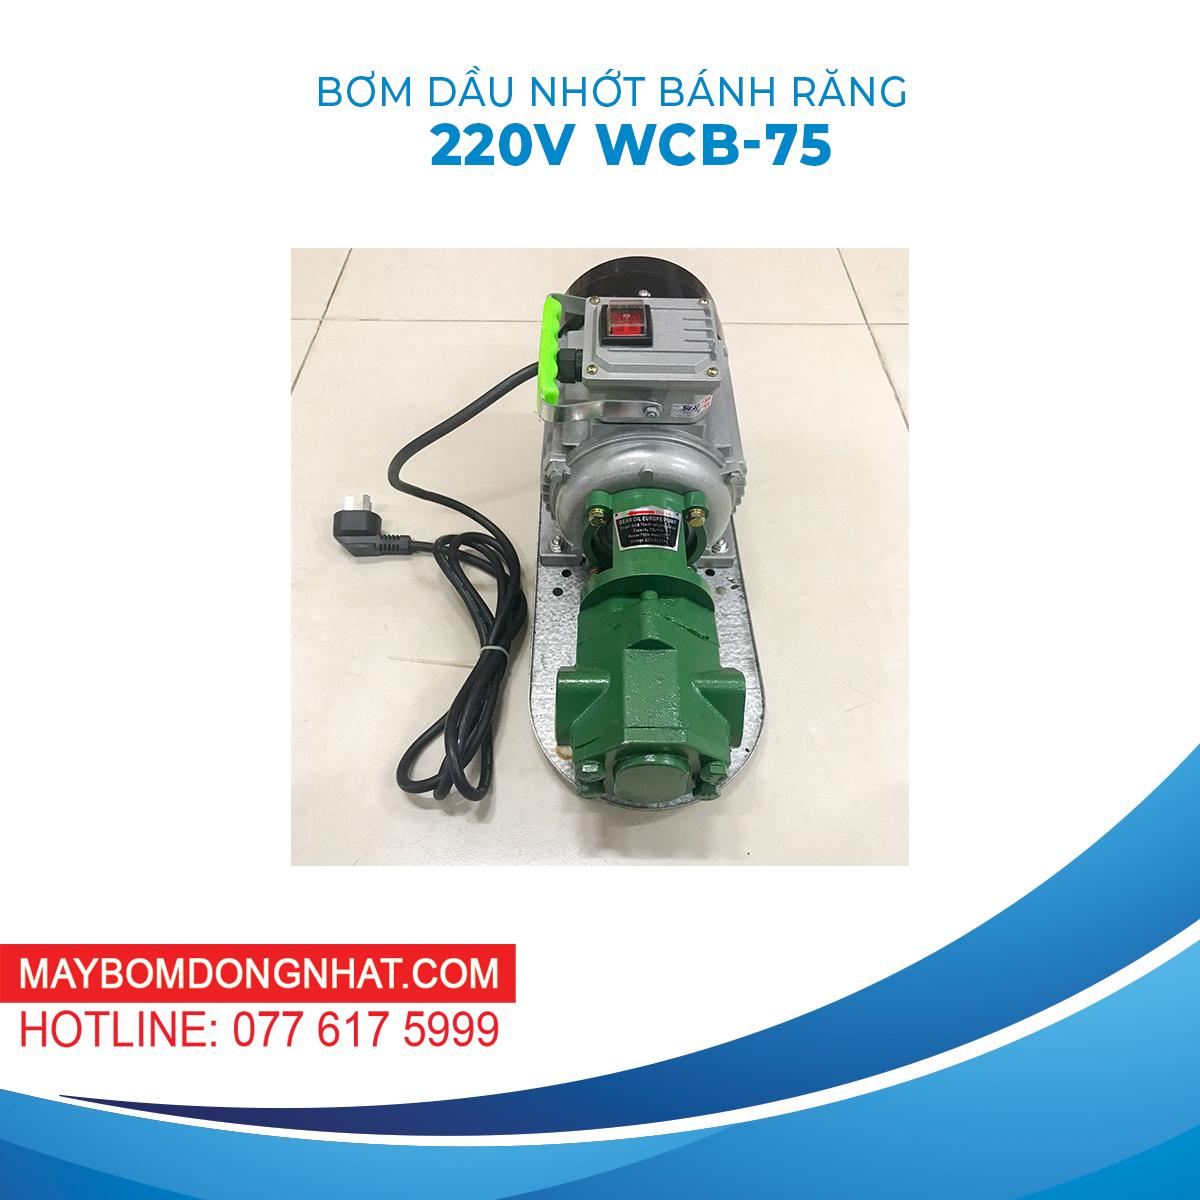 Bơm Dầu Nhớt Bánh Răng 220V 750W 75LP